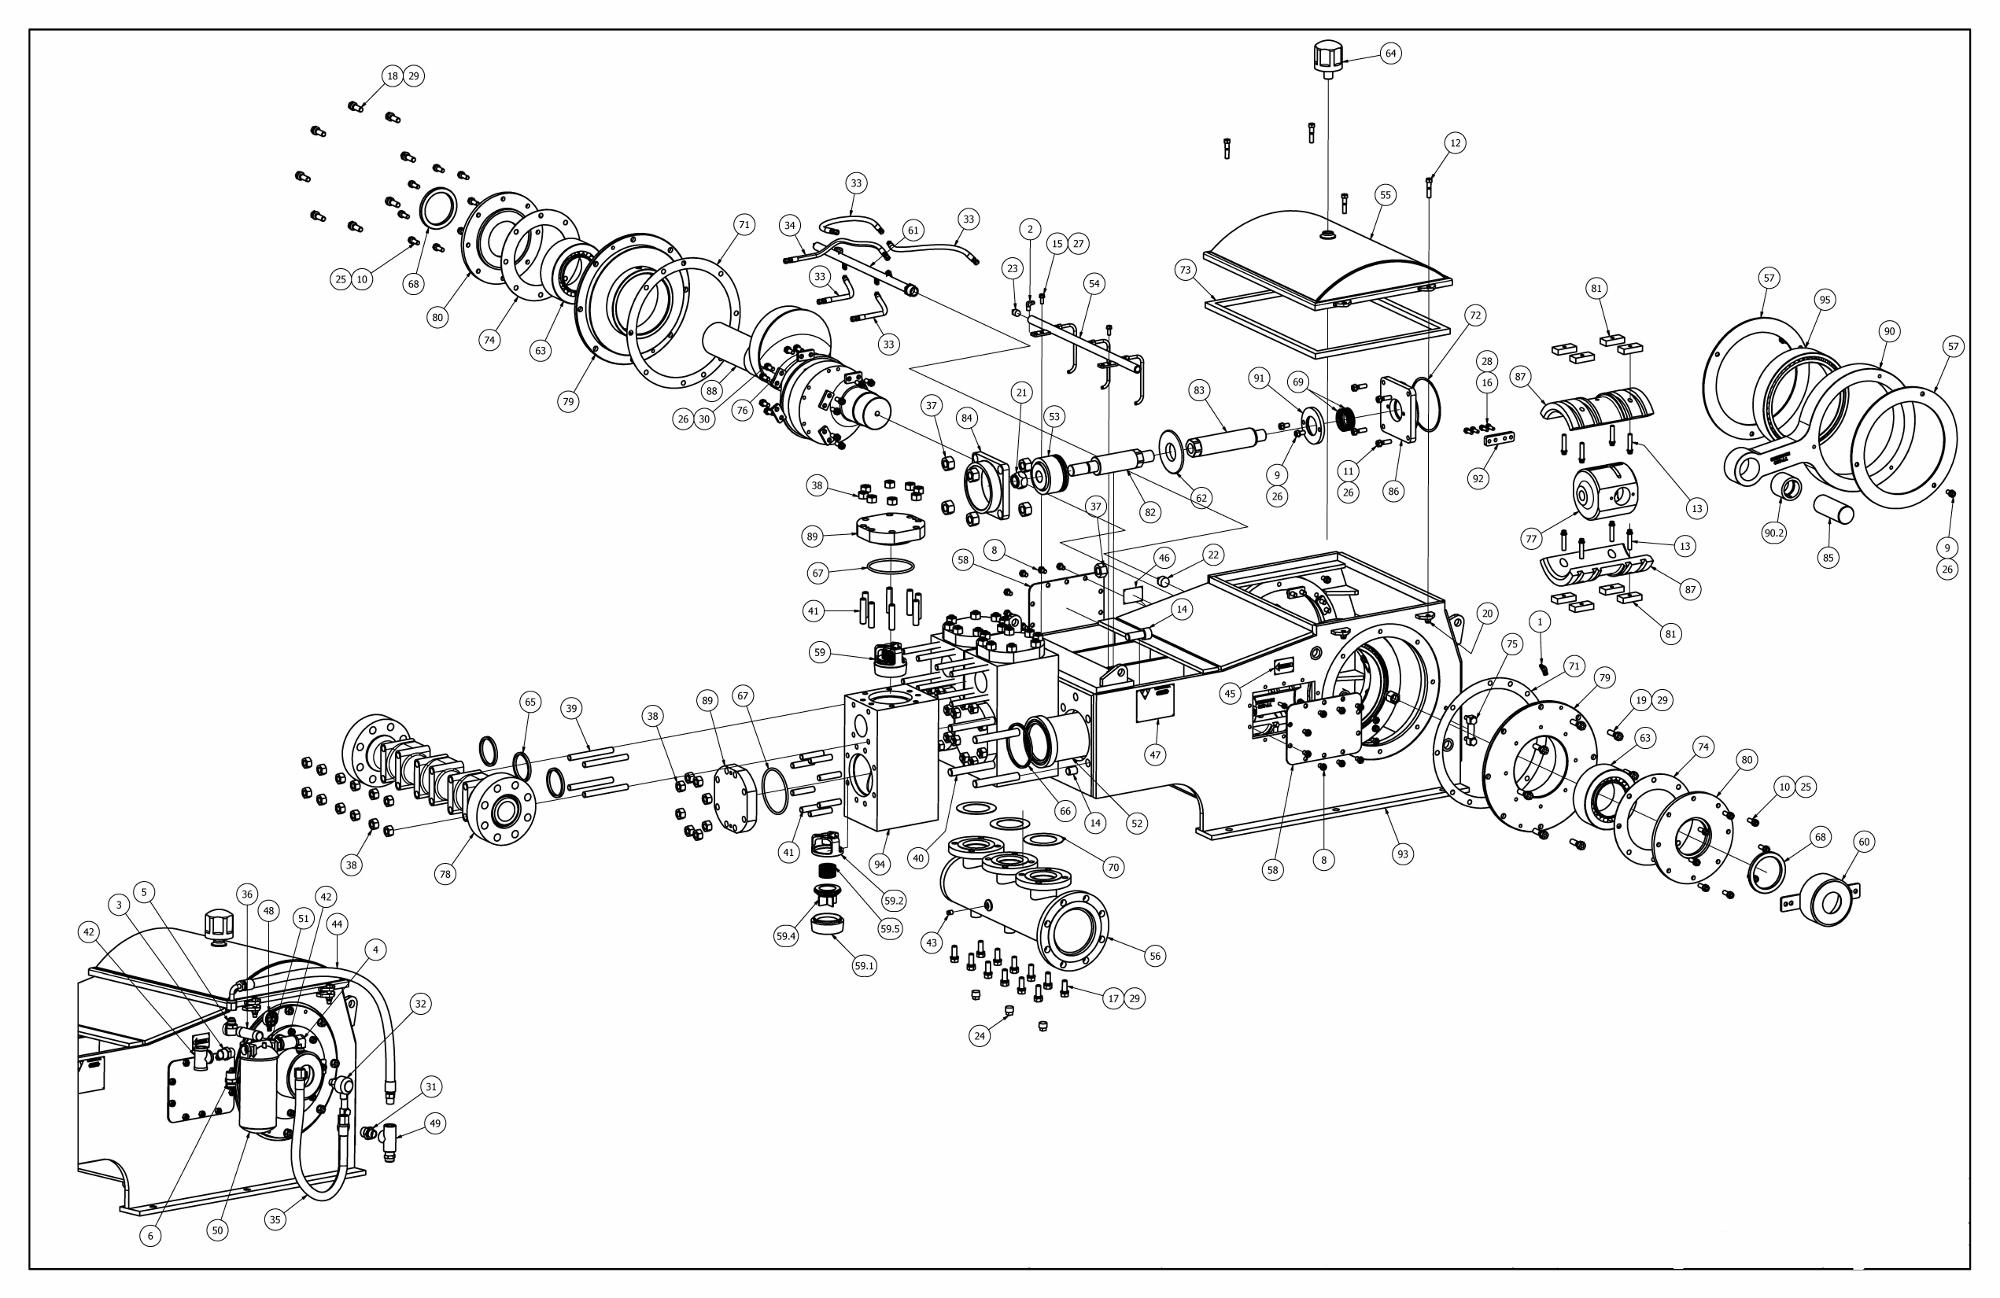 TT-560 Pump Parts View